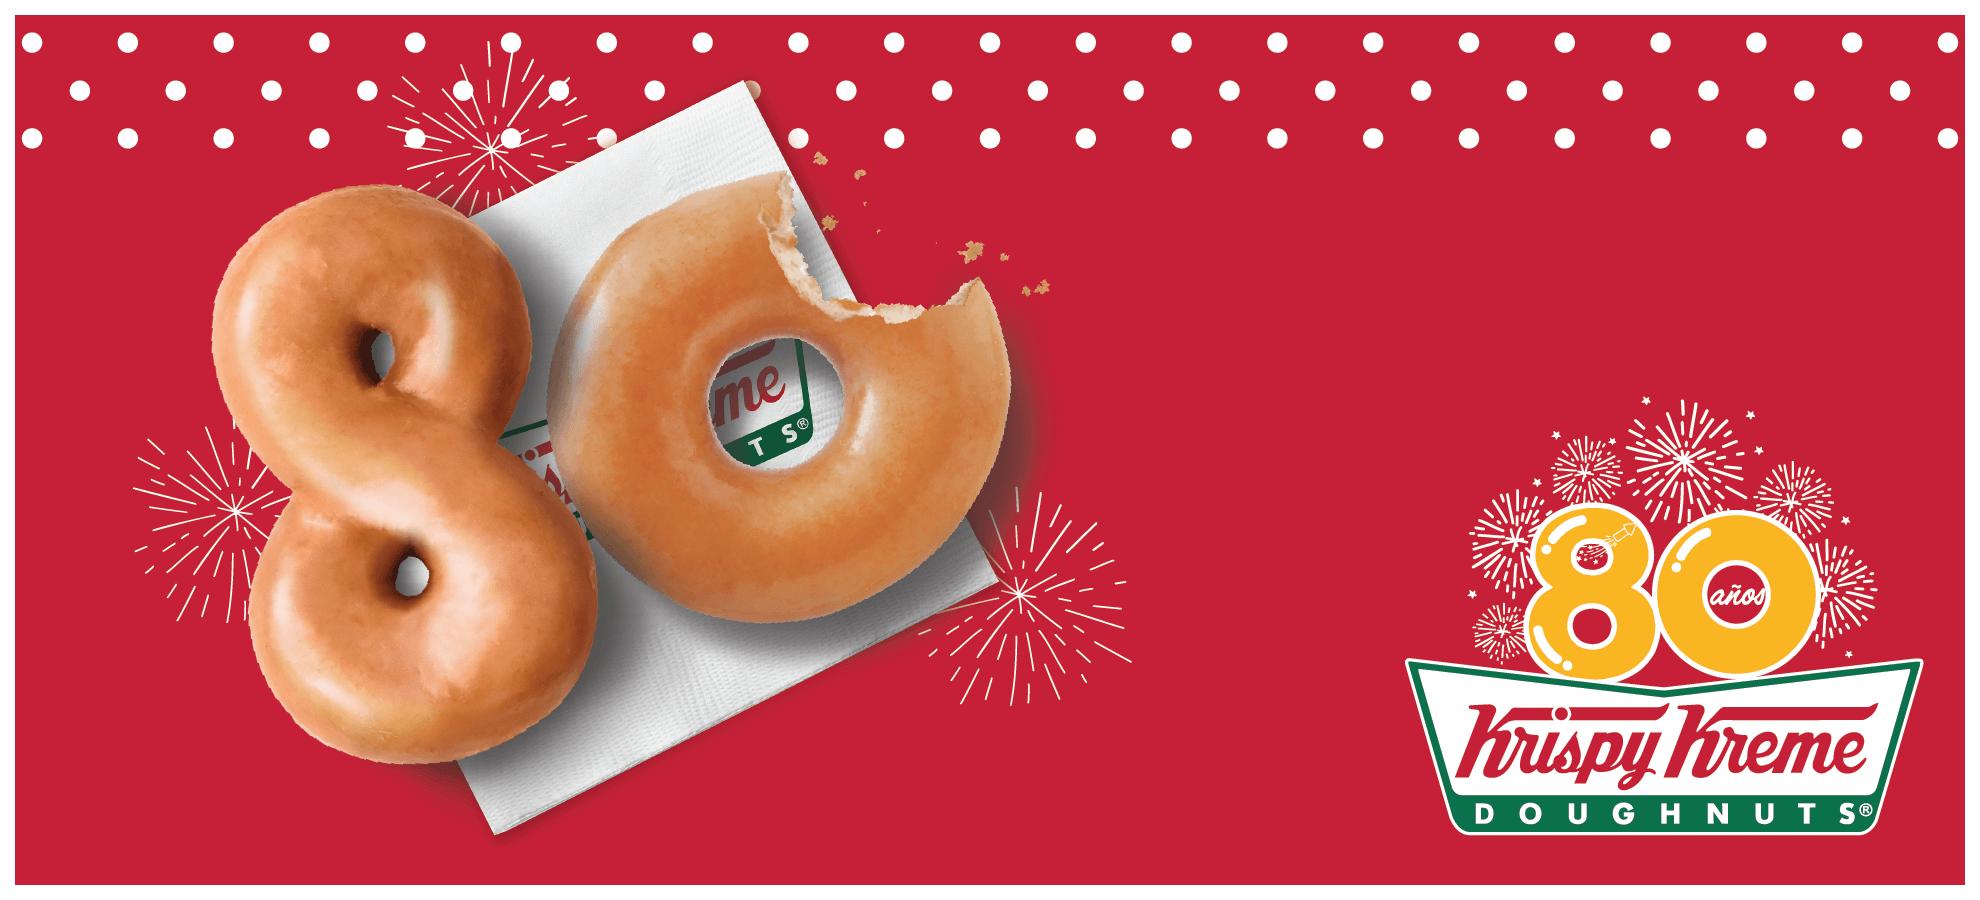 Krispy Kreme: Ofertas nacionales por su 80mo aniversario